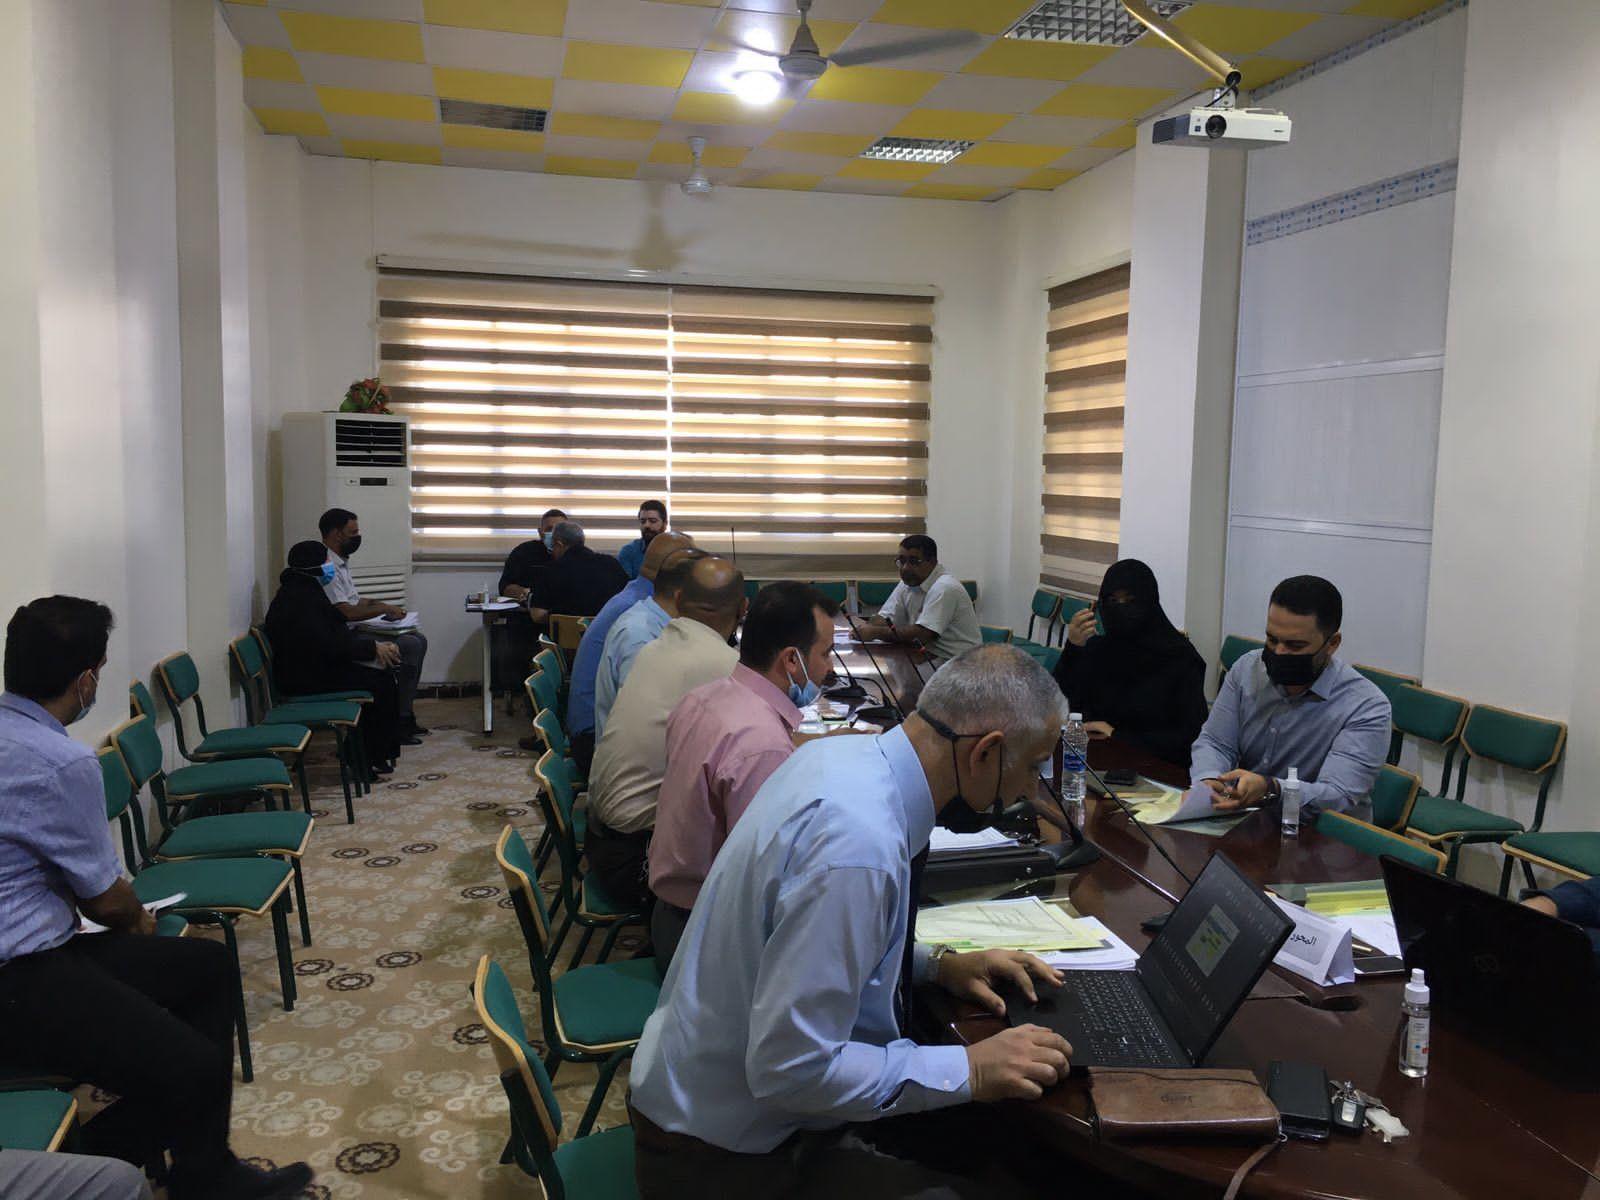 اكتمال أعمال اللجنة المختصة بالتصنيف العراقي في جامعة المثنى